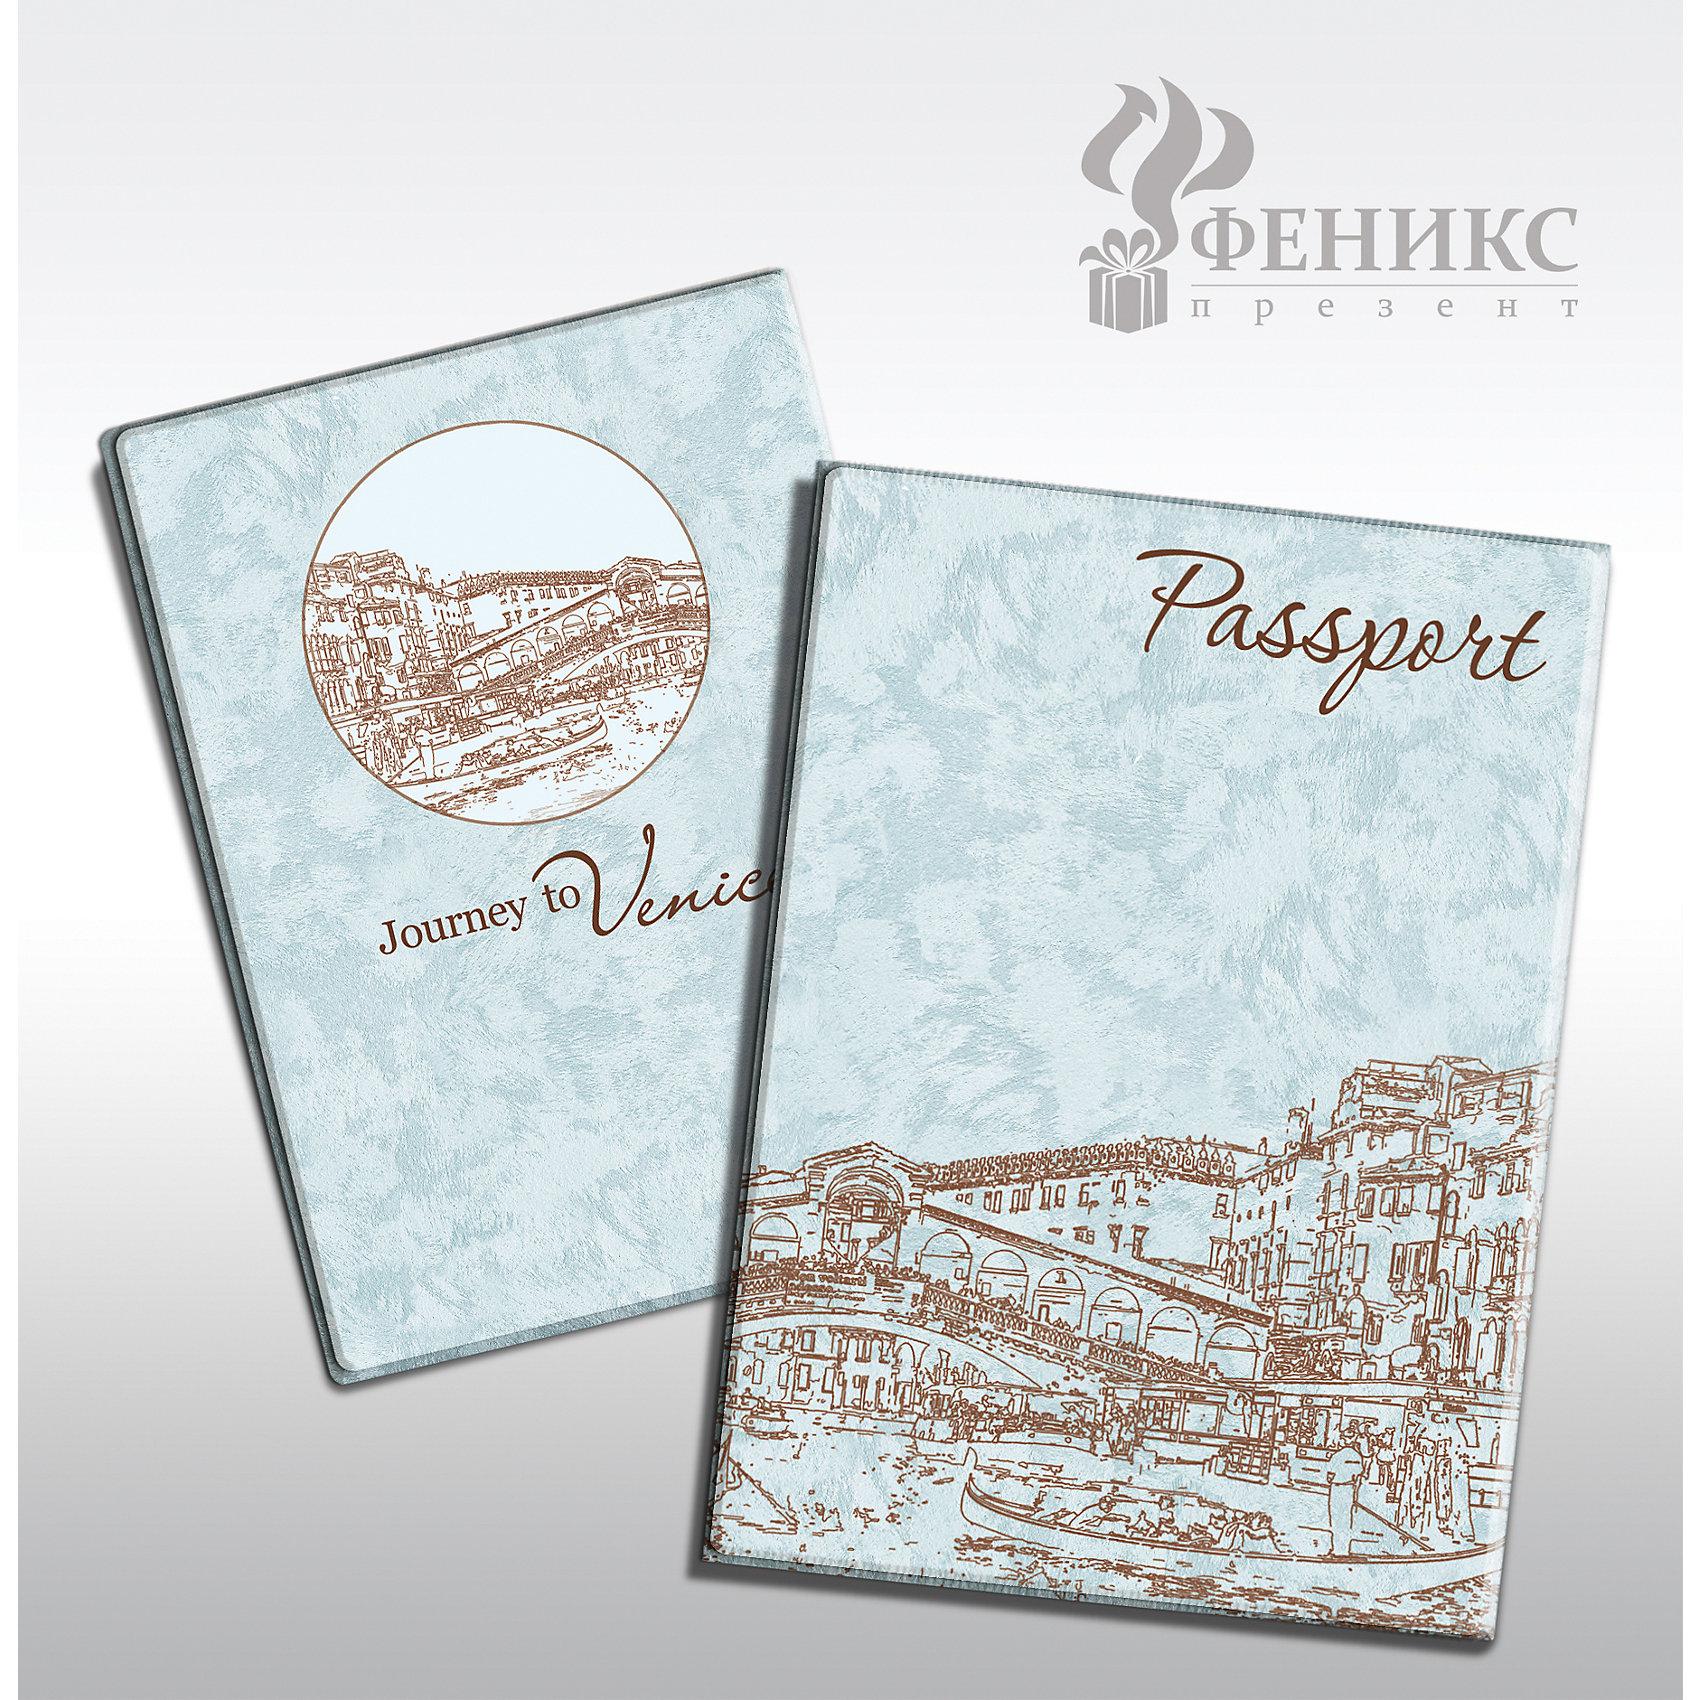 Обложка для паспорта Путешествие в Венецию, Феникс-ПрезентОбложка для паспорта Путешествие в Венецию. Изготовлено из качественного износоустойчивого материала (ПВХ)<br><br>Ширина мм: 133<br>Глубина мм: 191<br>Высота мм: 50<br>Вес г: 35<br>Возраст от месяцев: 168<br>Возраст до месяцев: 2147483647<br>Пол: Унисекс<br>Возраст: Детский<br>SKU: 5449598